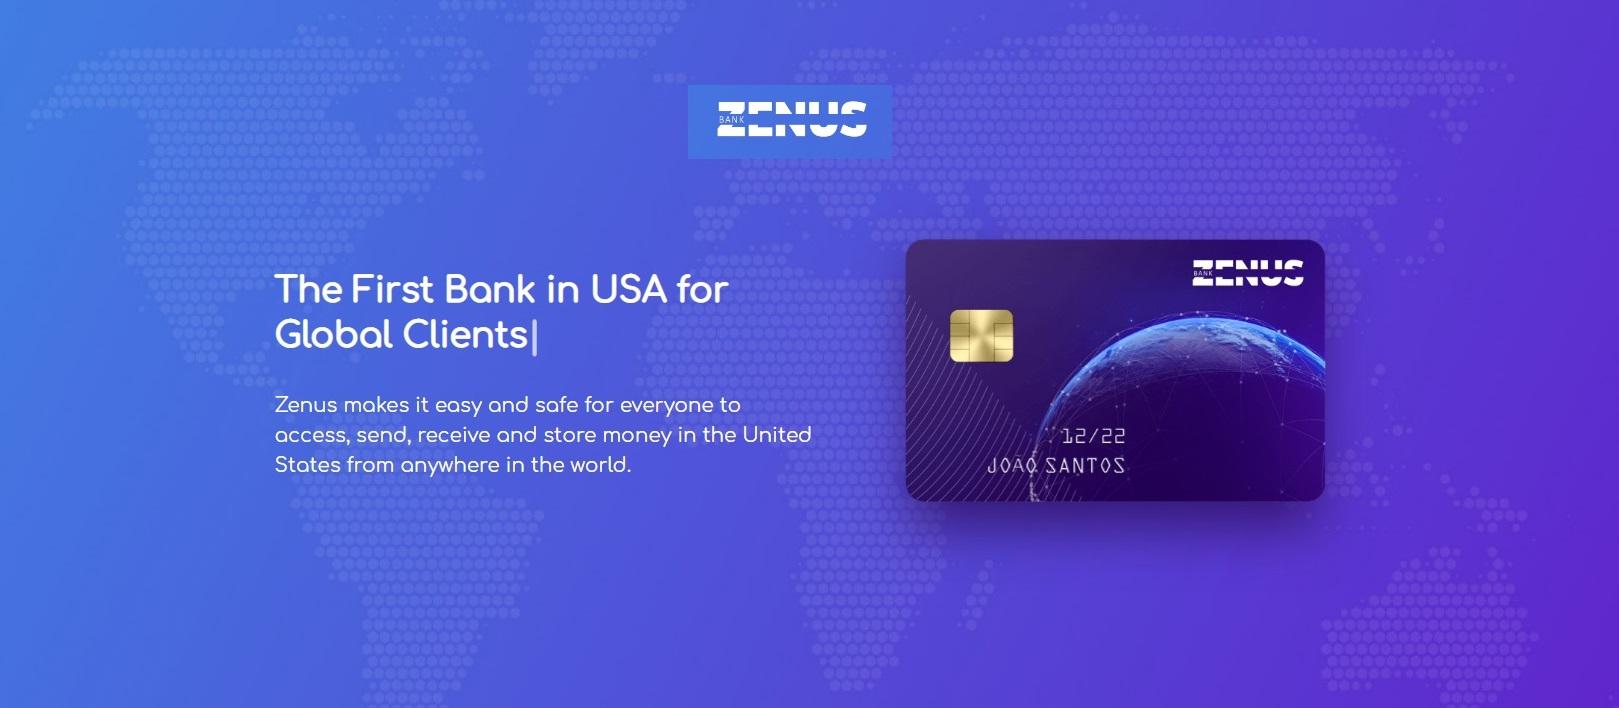 Zenus company new